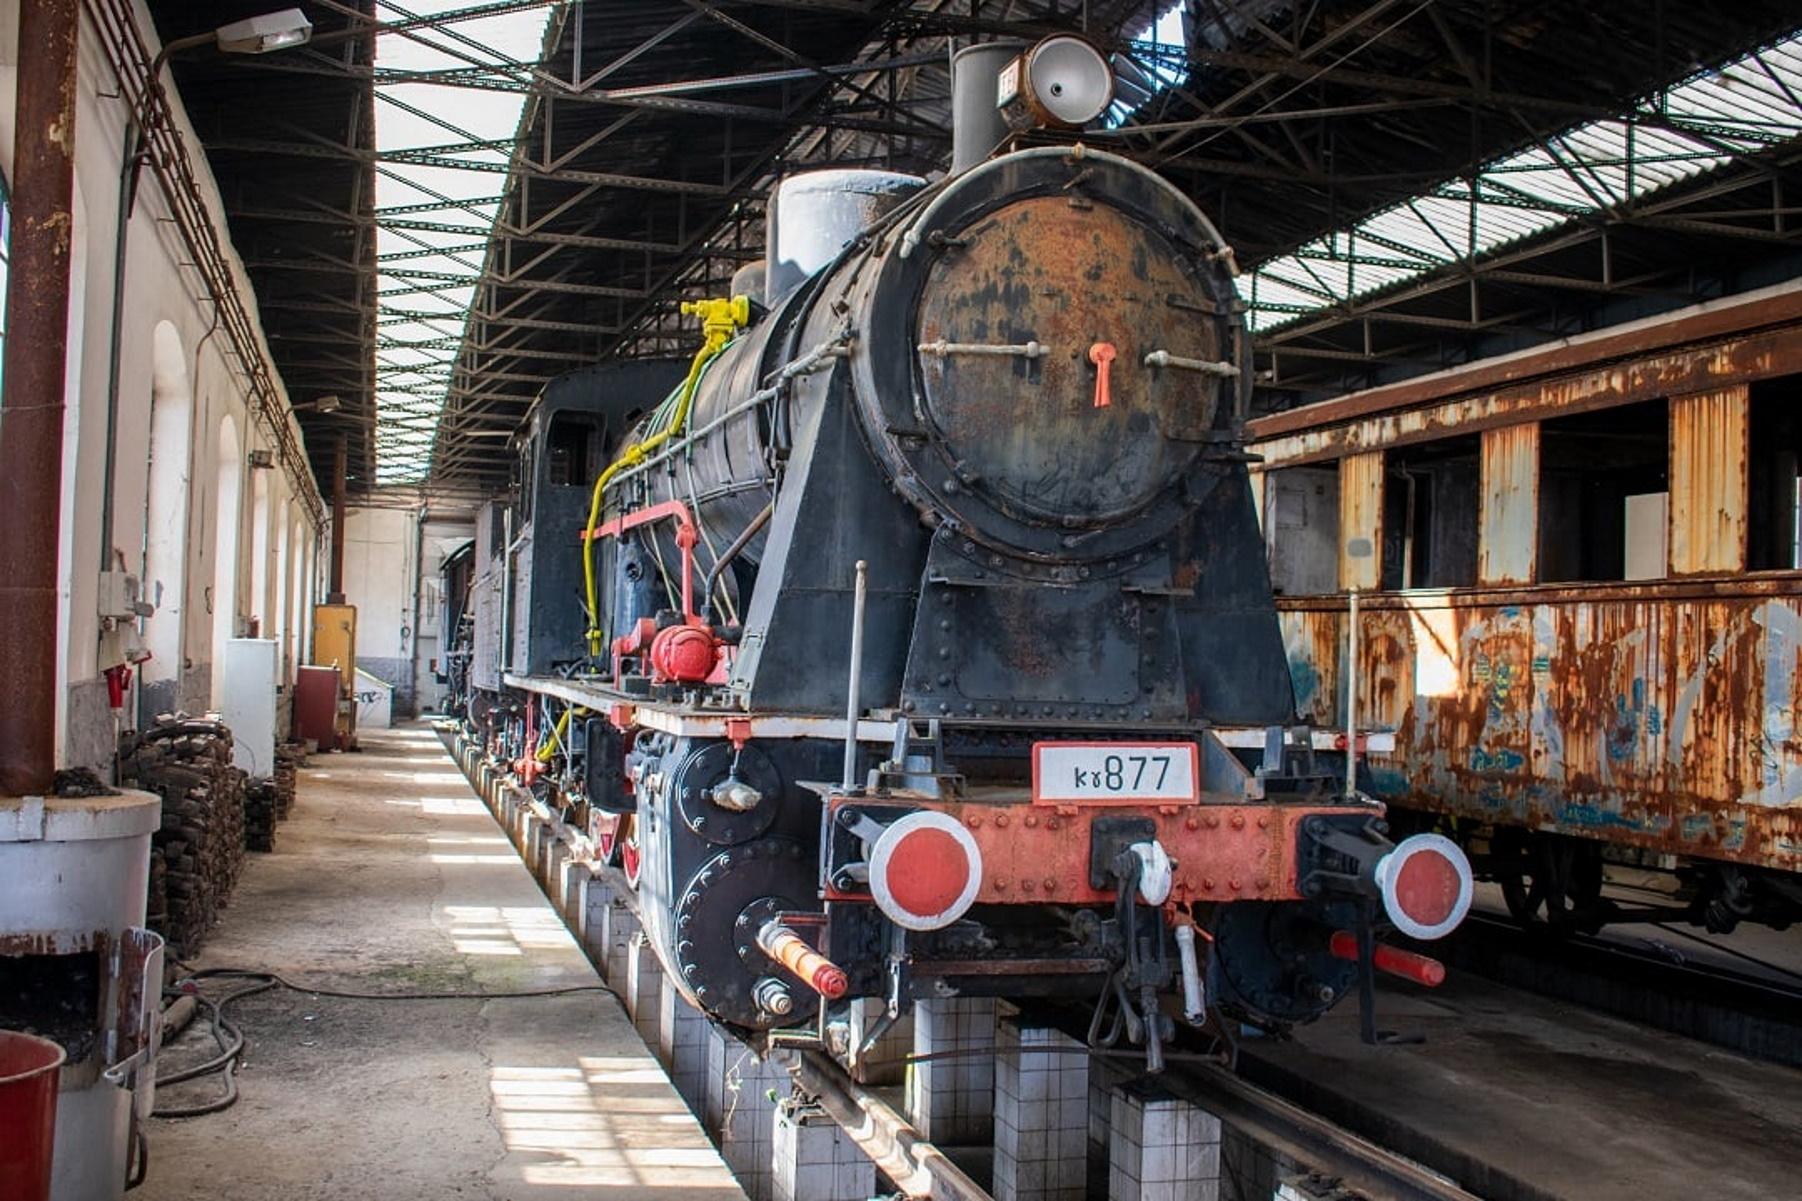 Βαγόνια του θρυλικού Οριάν Εξπρές – ατμομηχανές από το 1929 «ζωντανεύουν» στη Δράμα (pics)